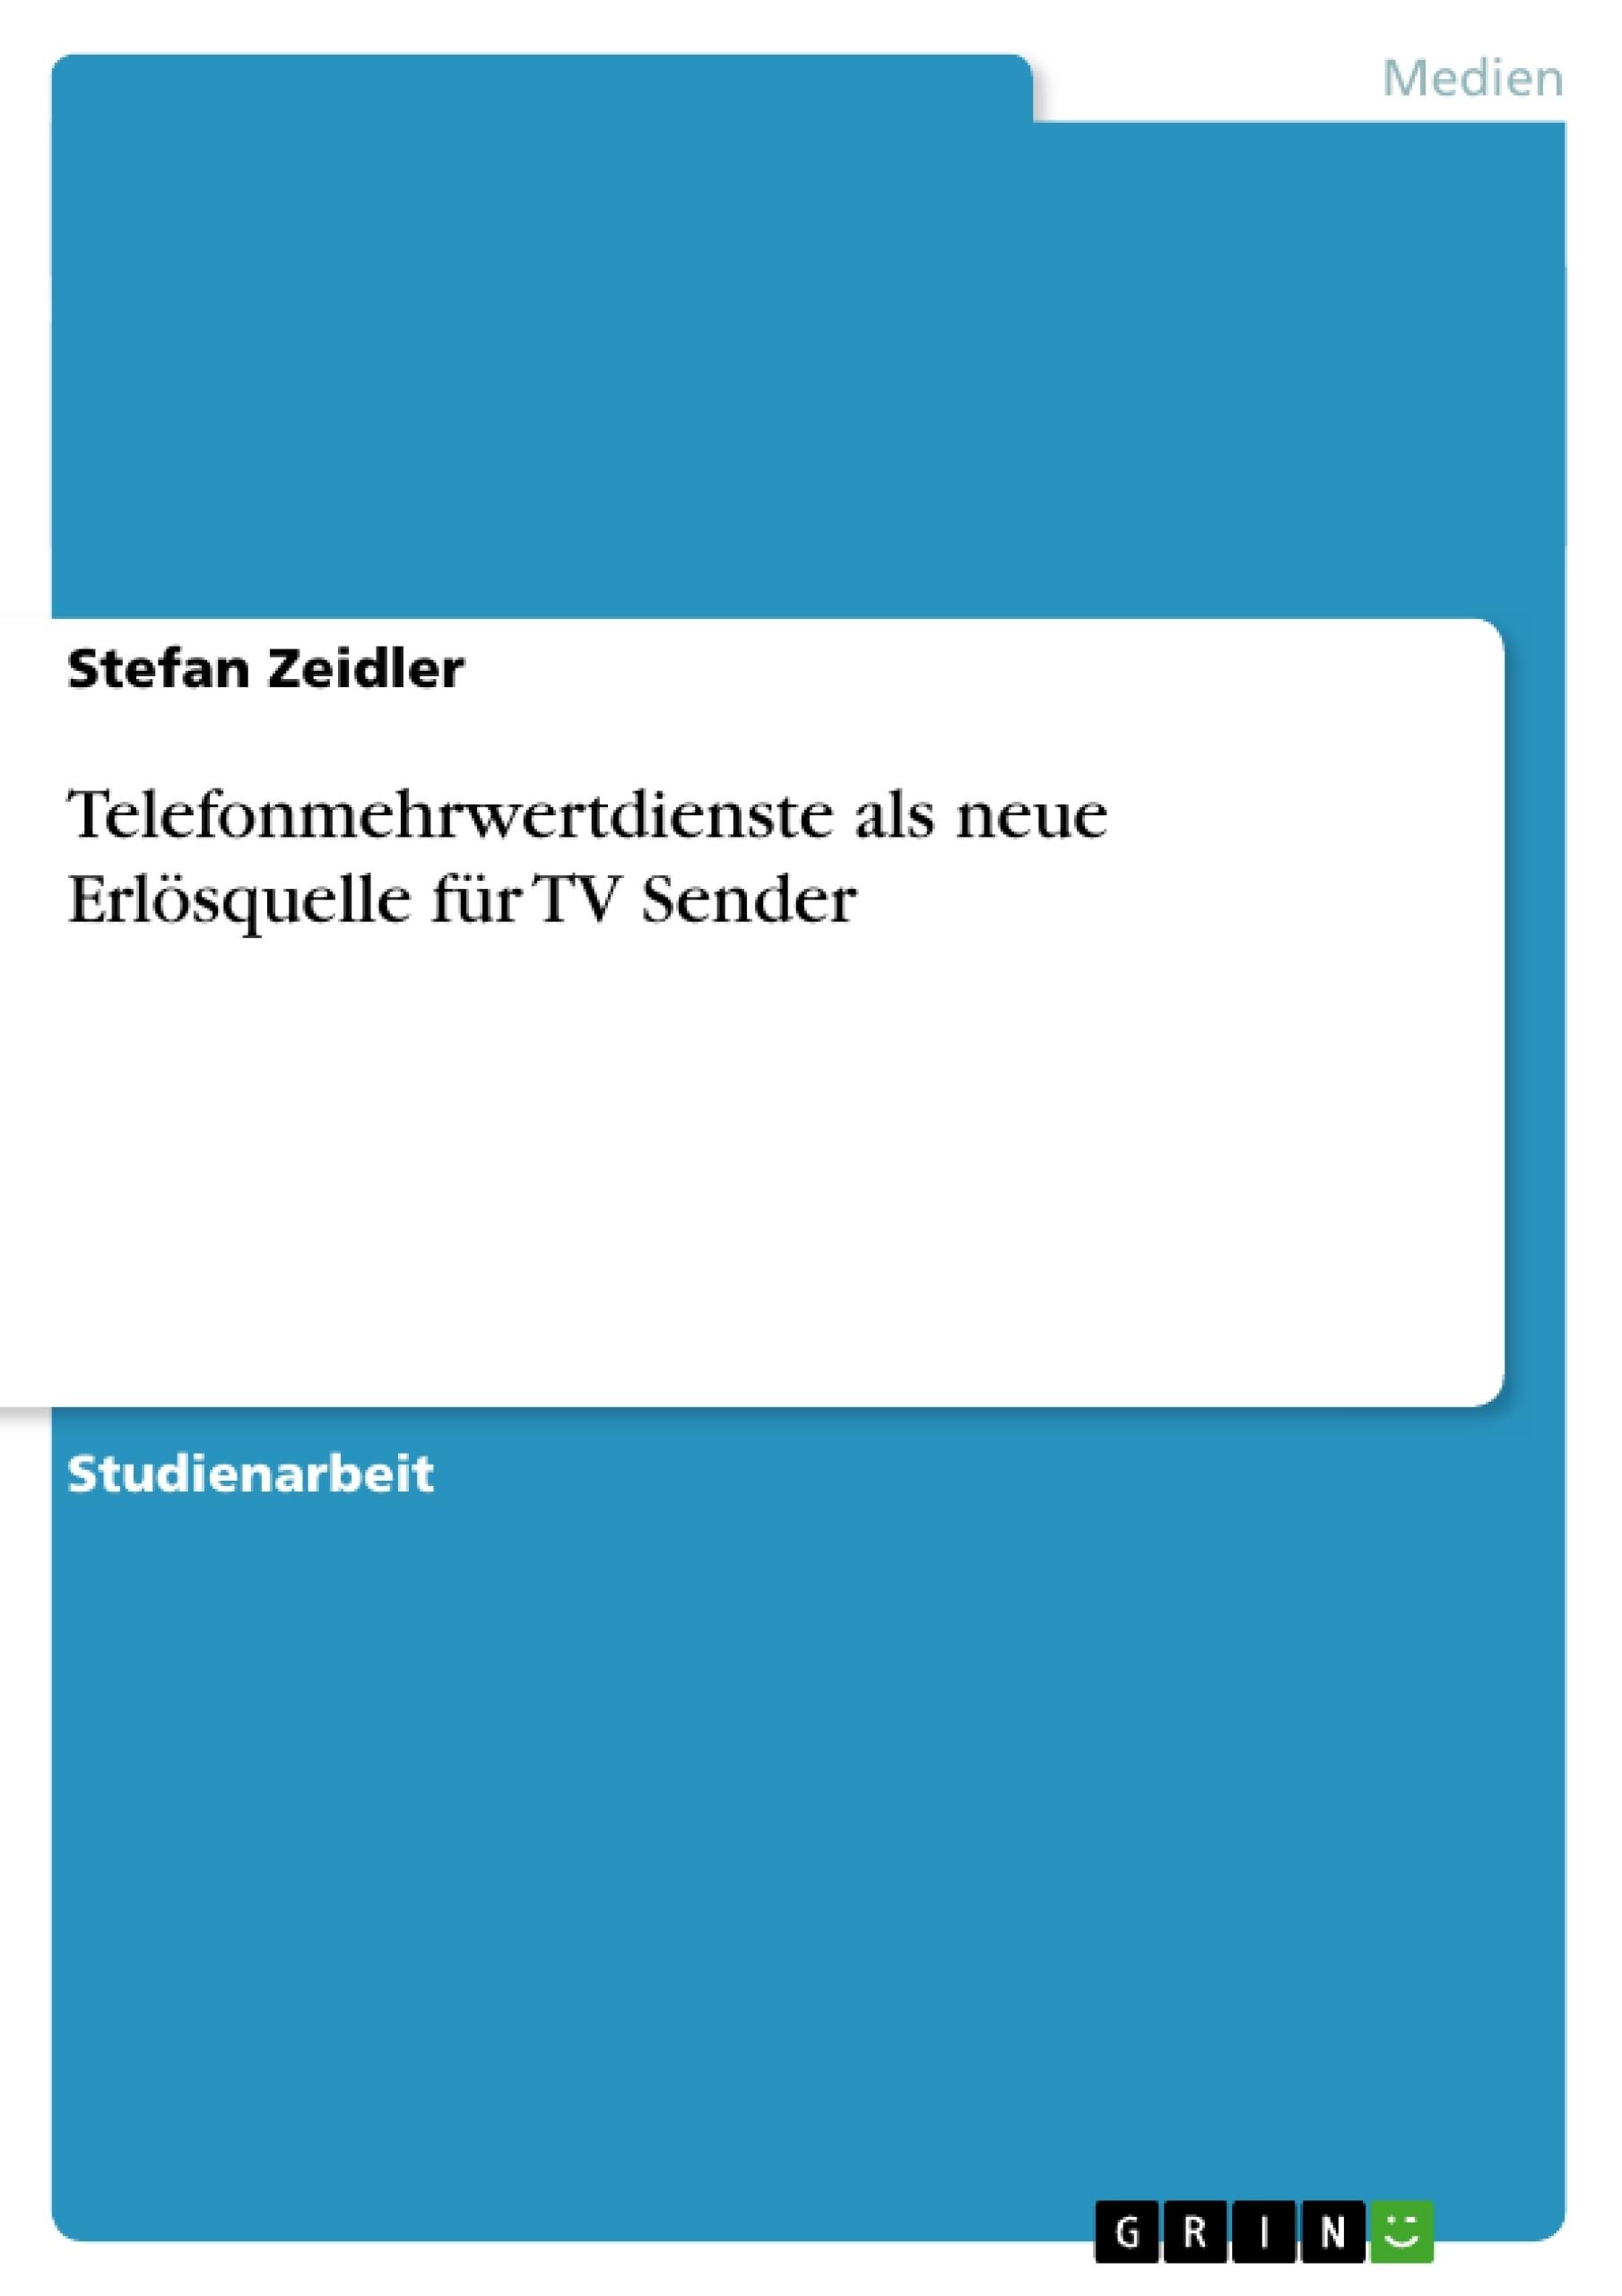 Titel: Telefonmehrwertdienste als neue Erlösquelle für TV Sender